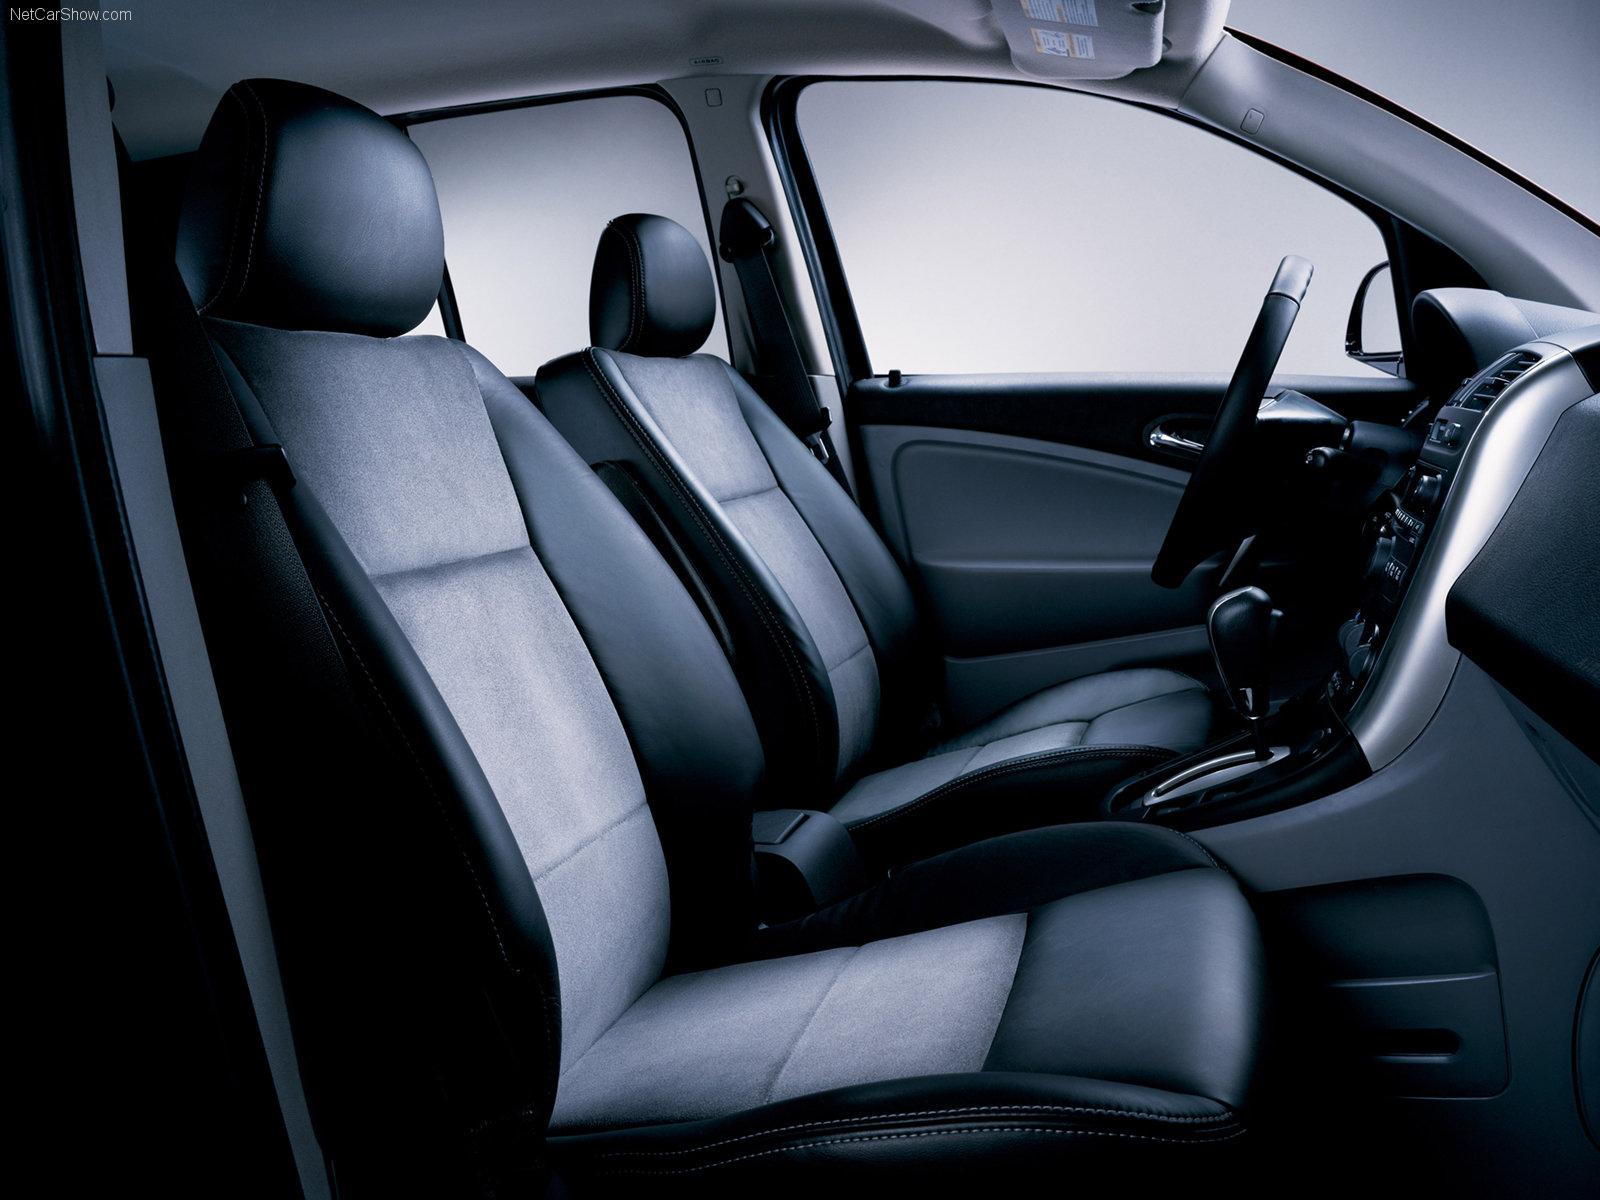 Hình ảnh xe ô tô Saturn Vue Red Line 2006 & nội ngoại thất